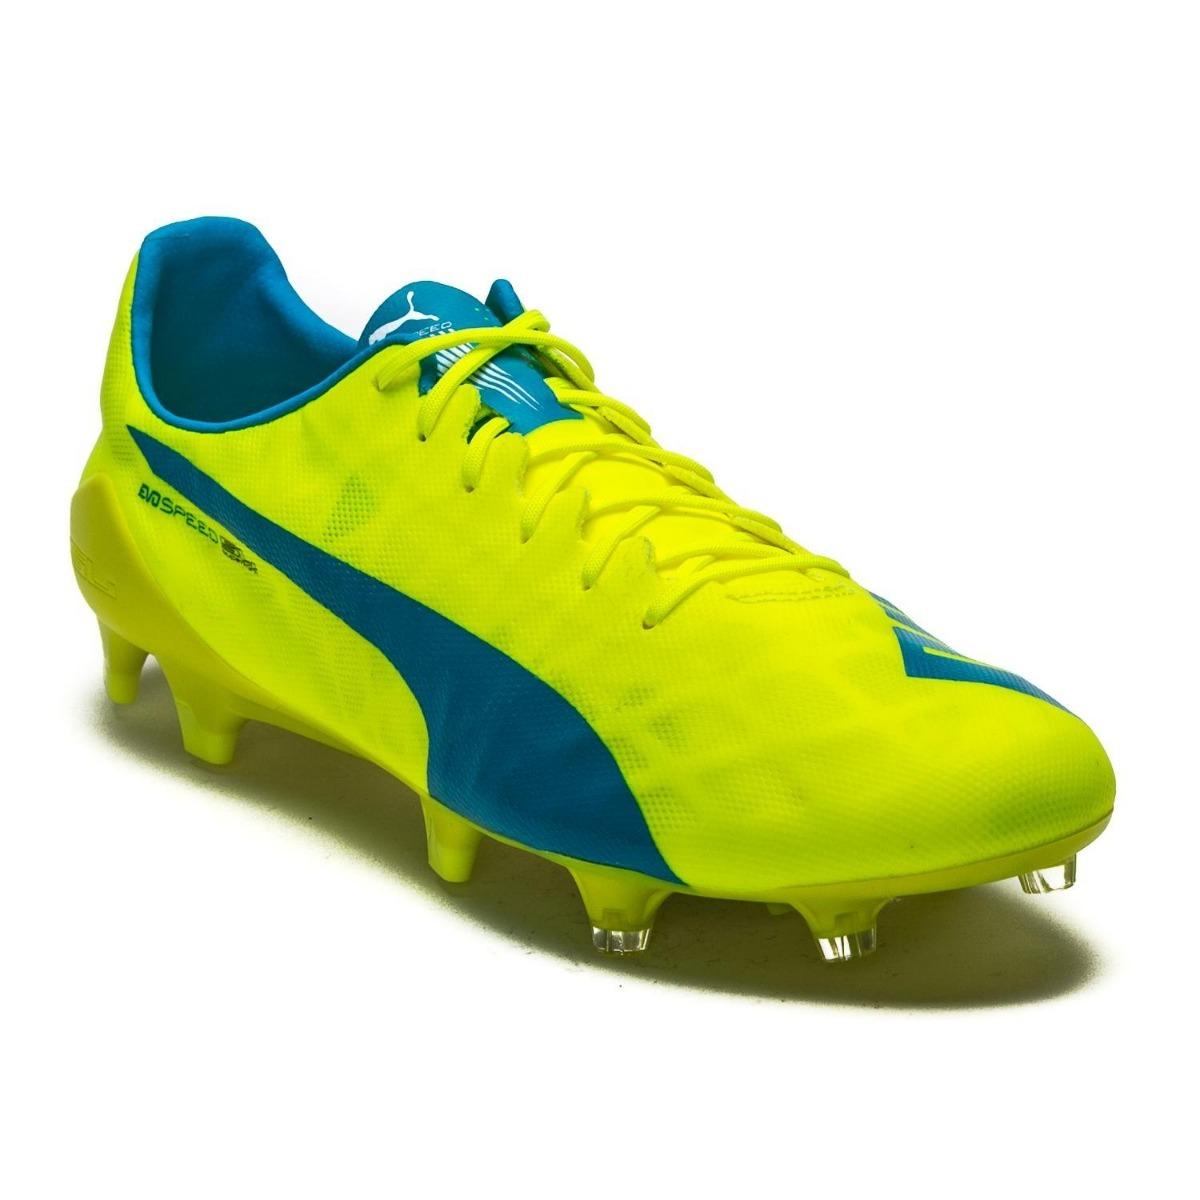 zapato futbol tachones puma evospeed sl atomic fg - zapatera. Cargando zoom. f3278edb1ce12